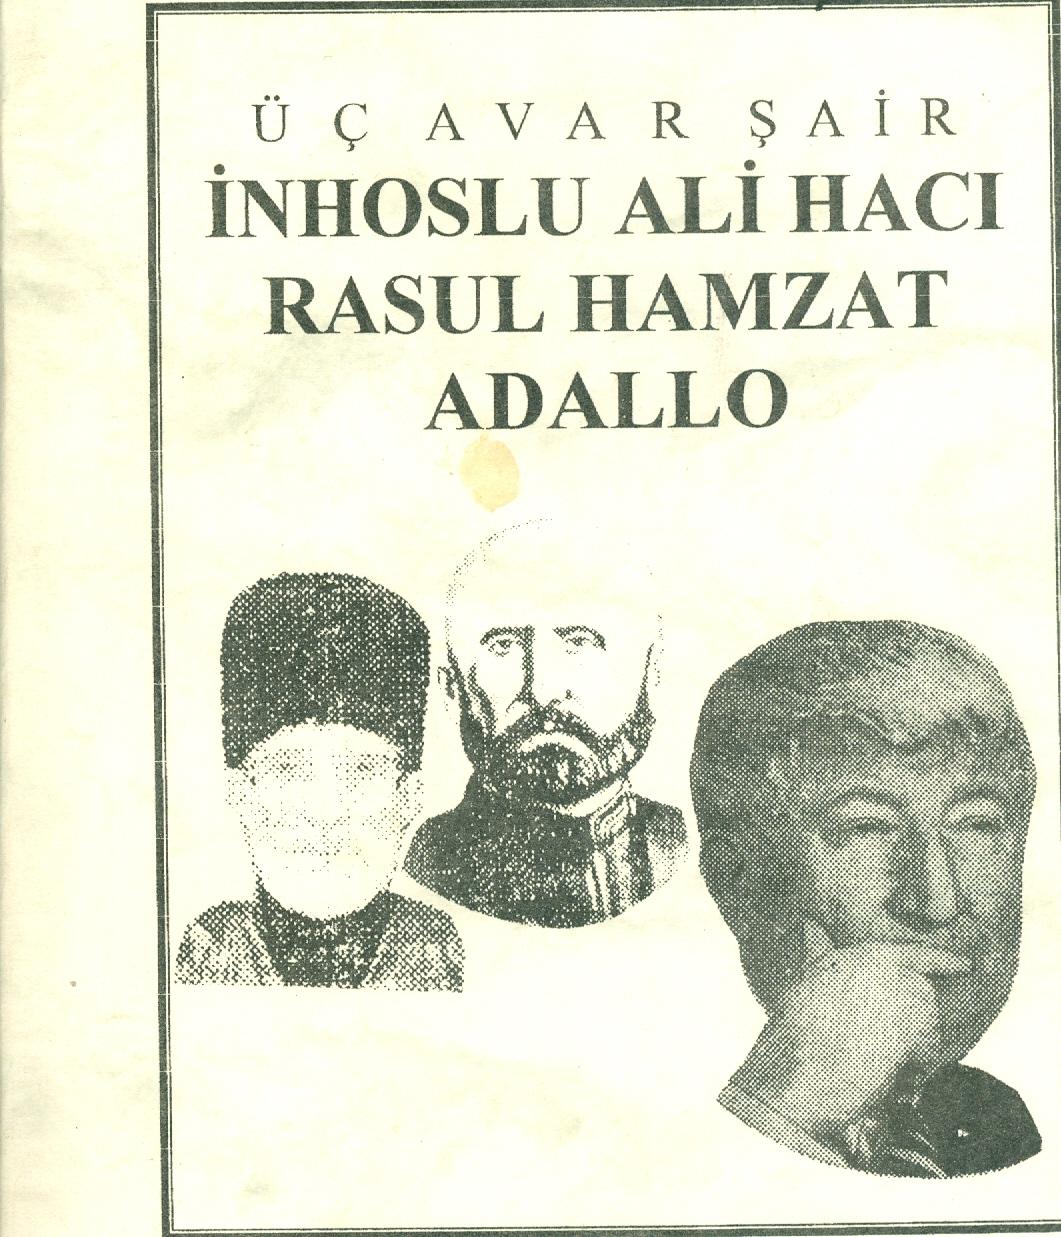 Üç Avar Şair /İnhoslu Ali Hacı - Resul Hamzat - Adallo